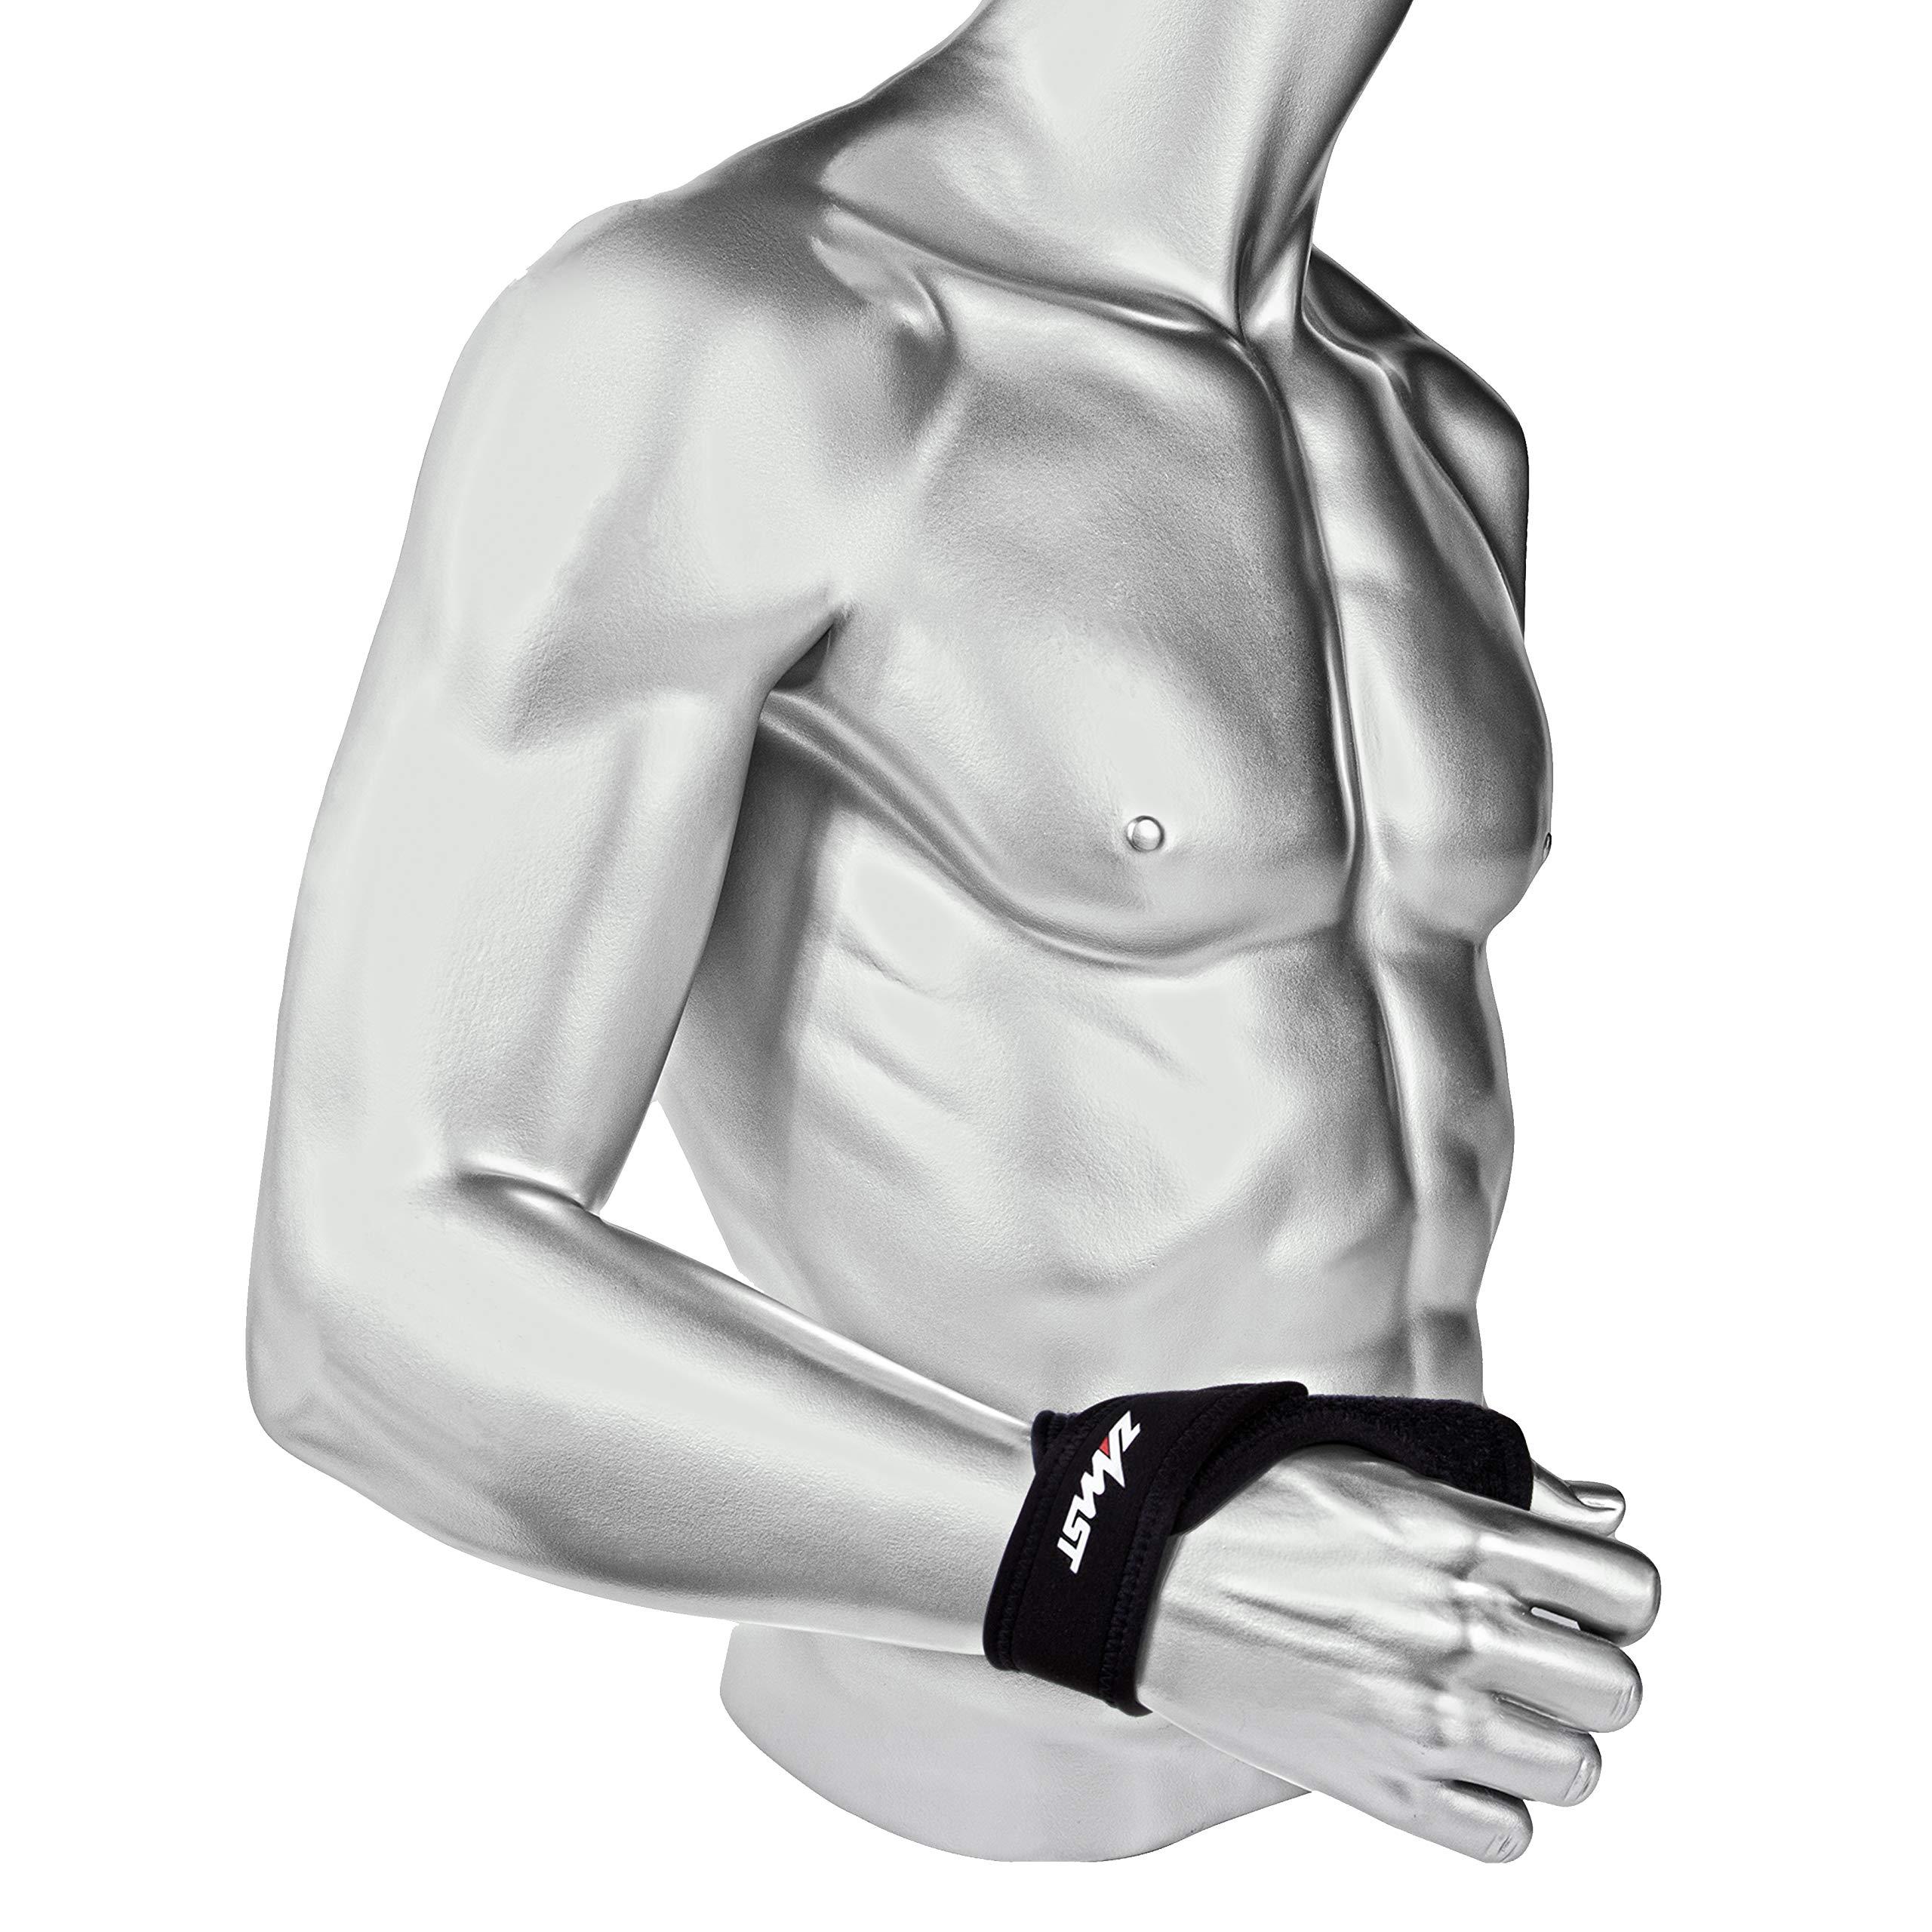 Zamst Thumb Guard Thumb Brace, Small